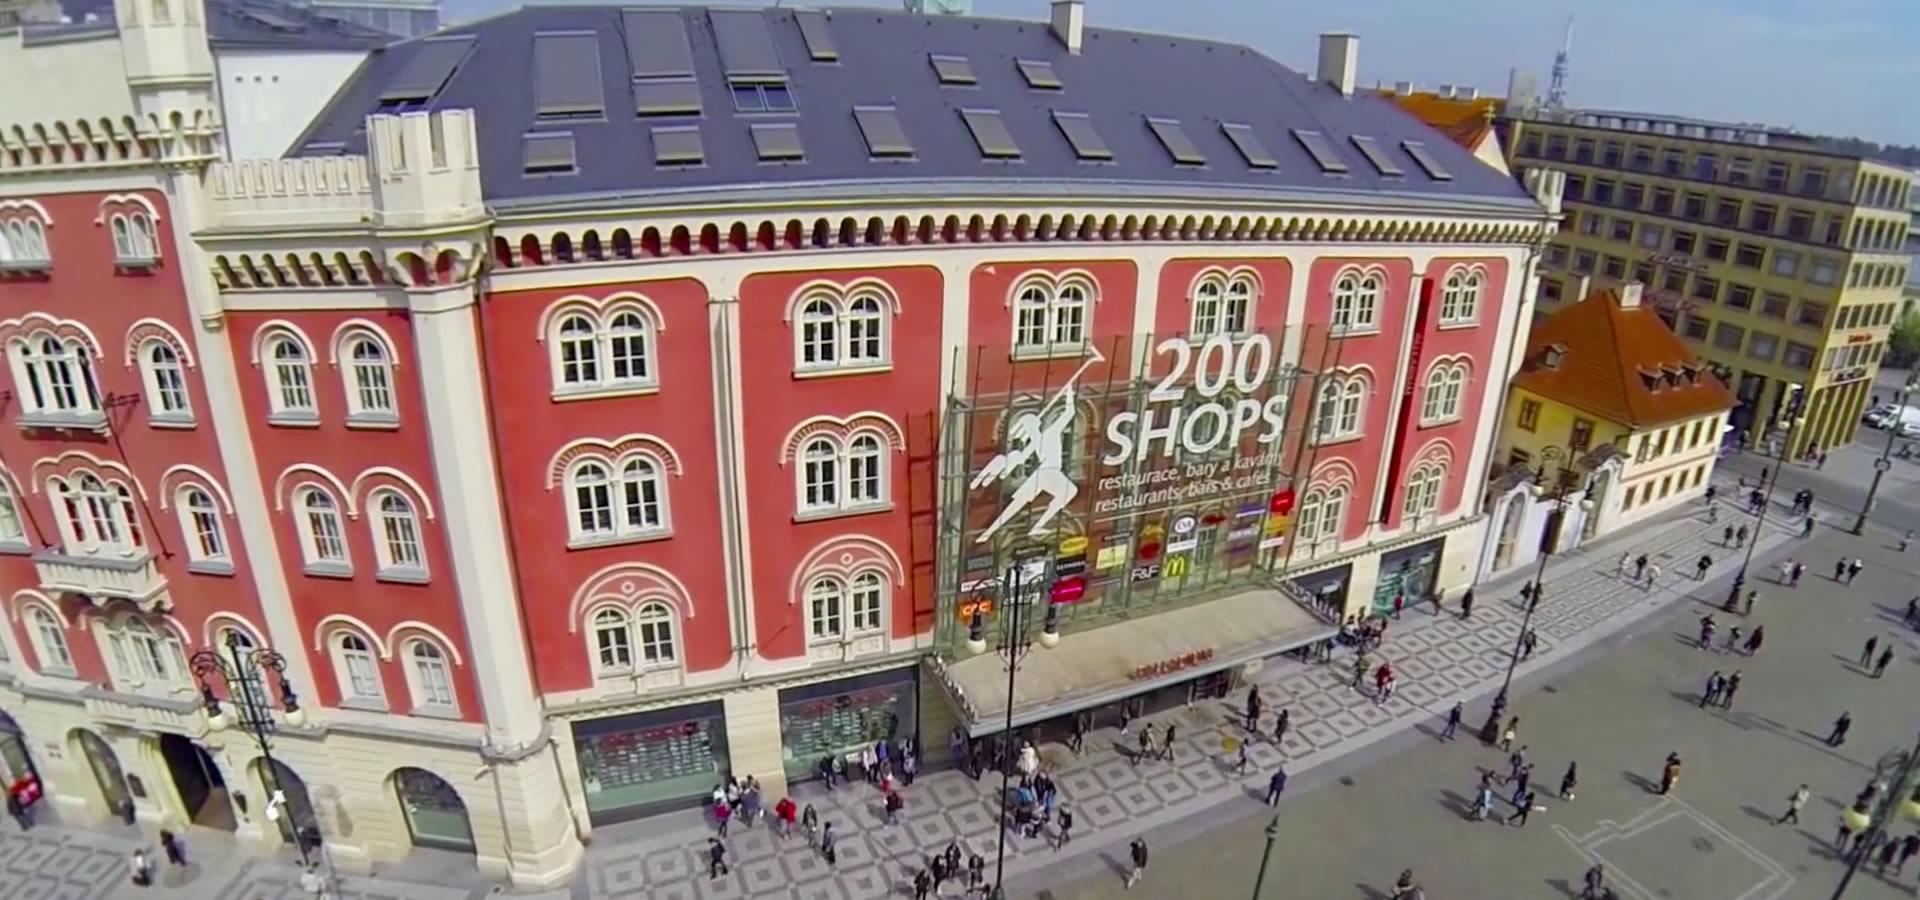 Možná nejoblíbenější pražské nákupní centrum přímo v jejím srdci. 200  obchodů s módou 832b2dec6a6